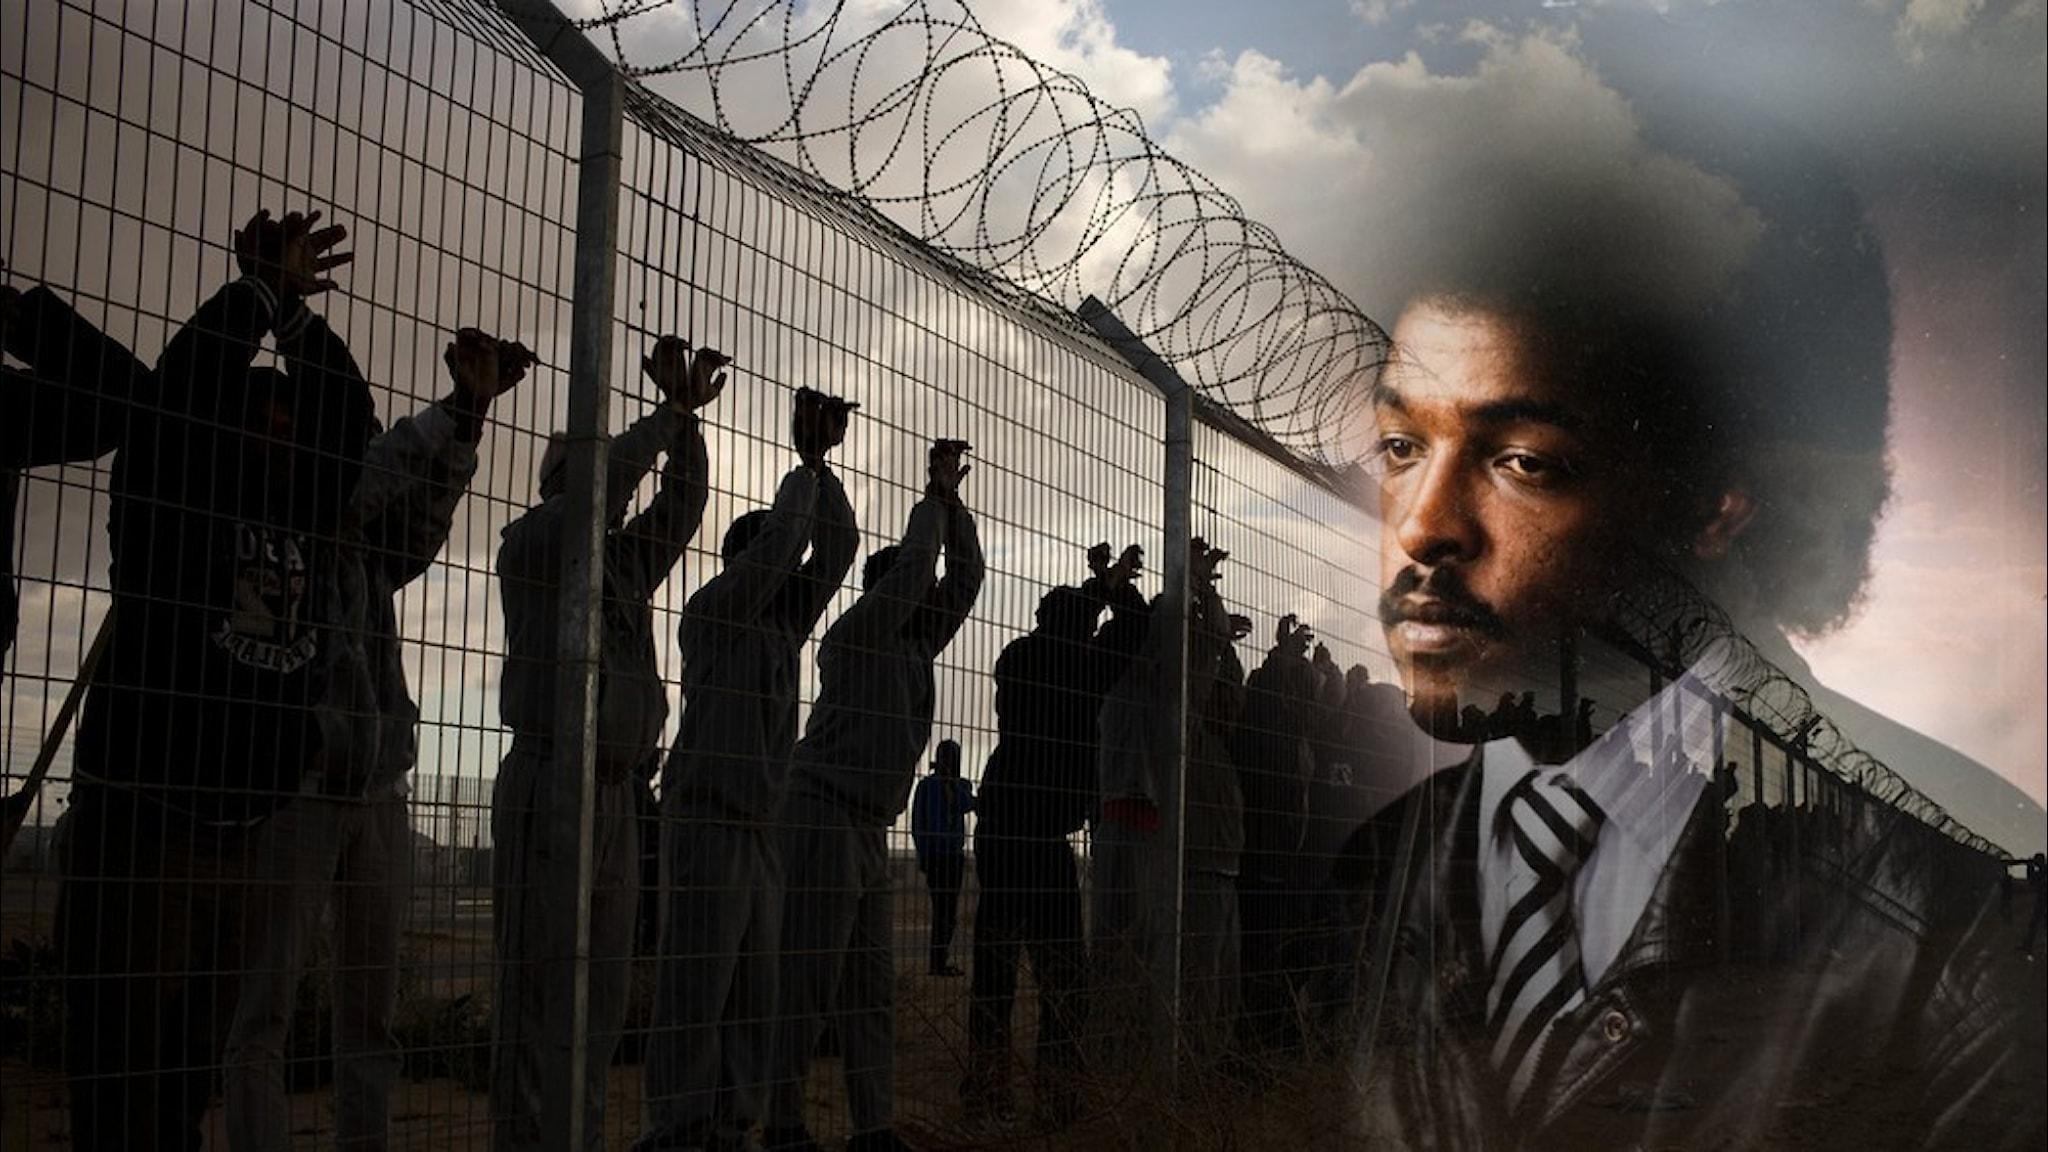 Porträtt av den svenska journalisten, Dawit Isaak som smälter samman med människor vid ett taggtrådsstängsel.